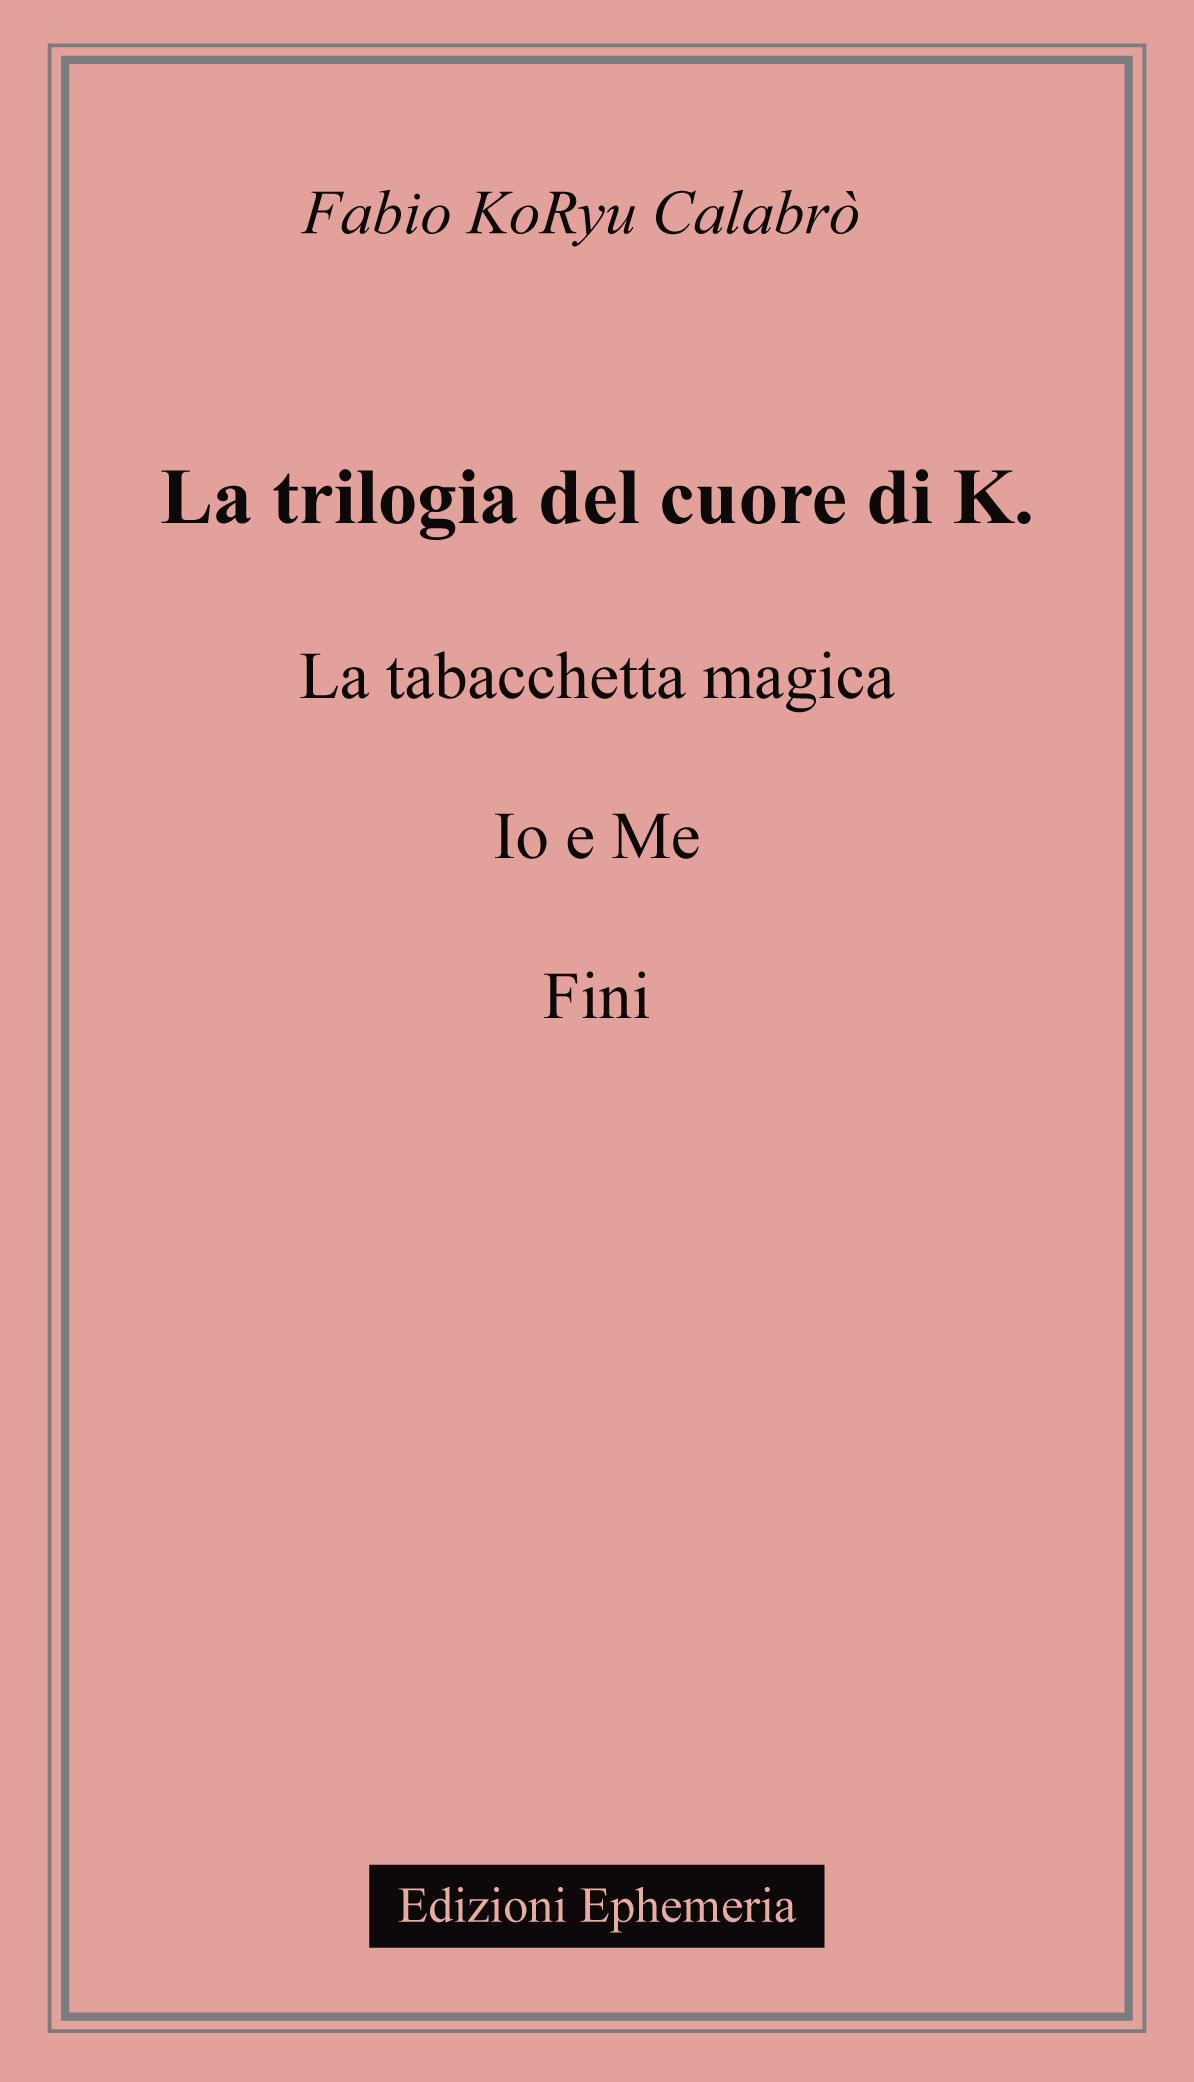 """""""La trilogia del cuore di K."""" – Fabio KoRyu Calabrò"""